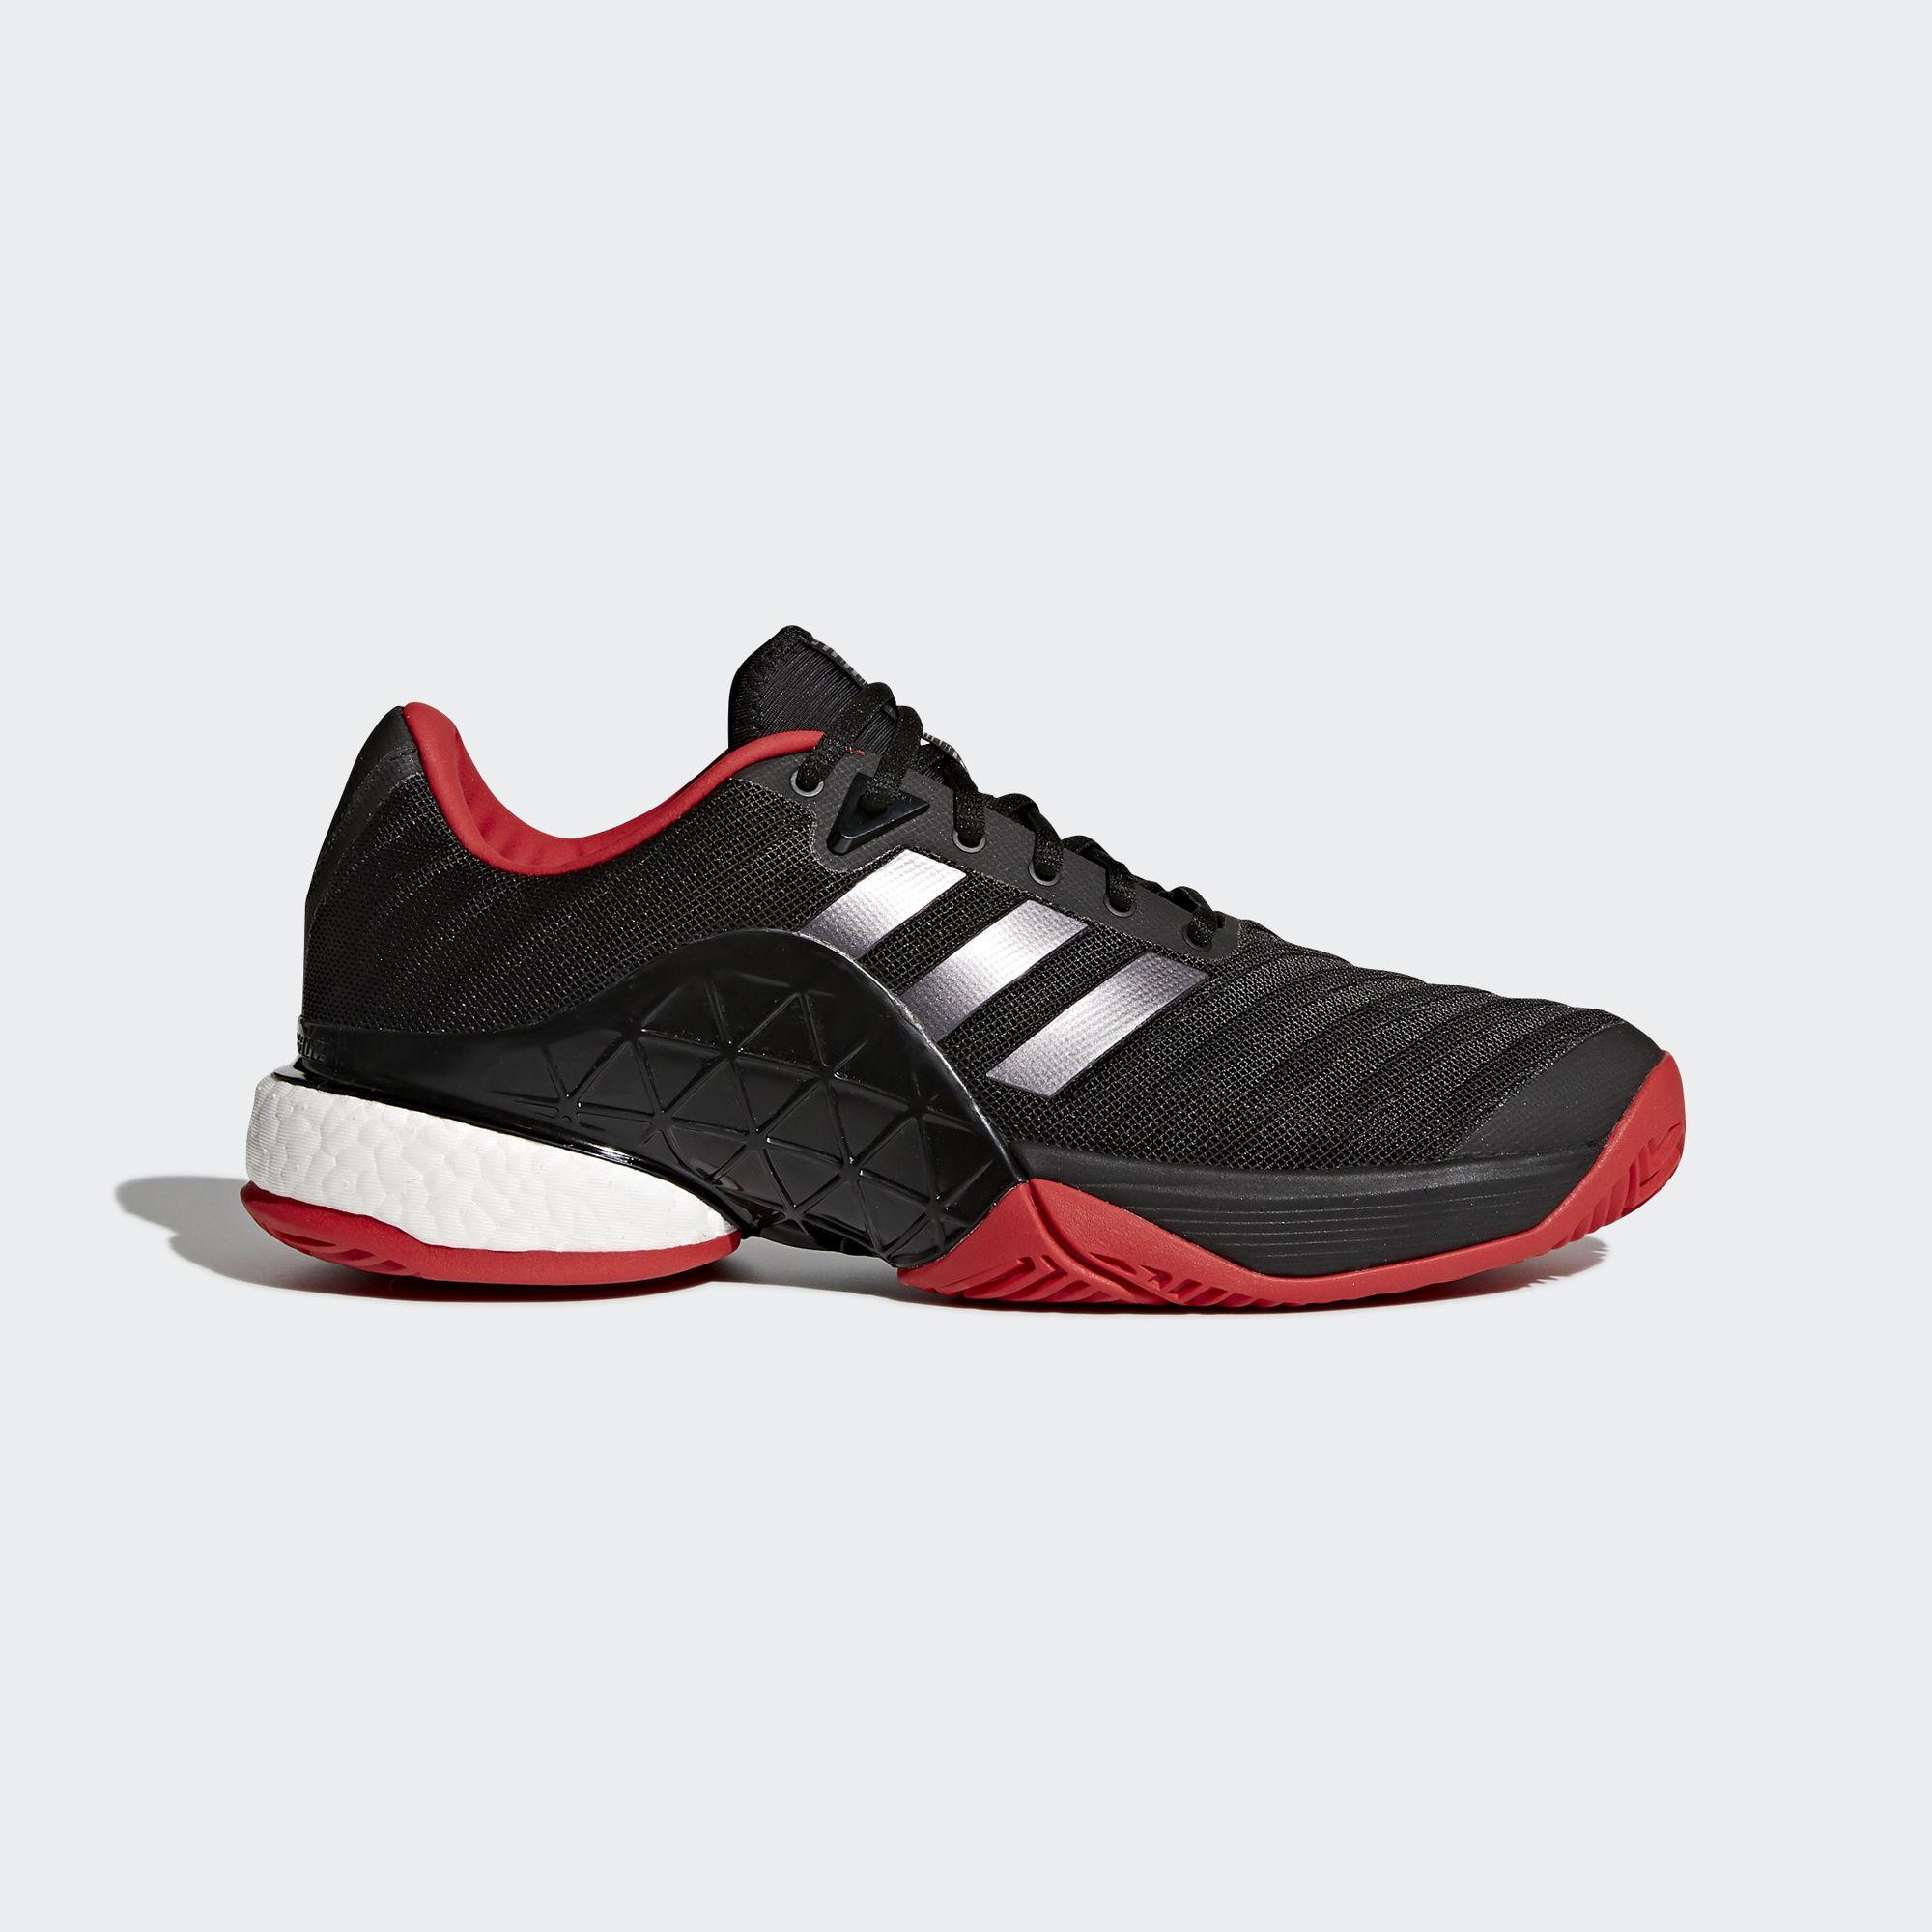 Adidas Tennis Shoes Roland Garros